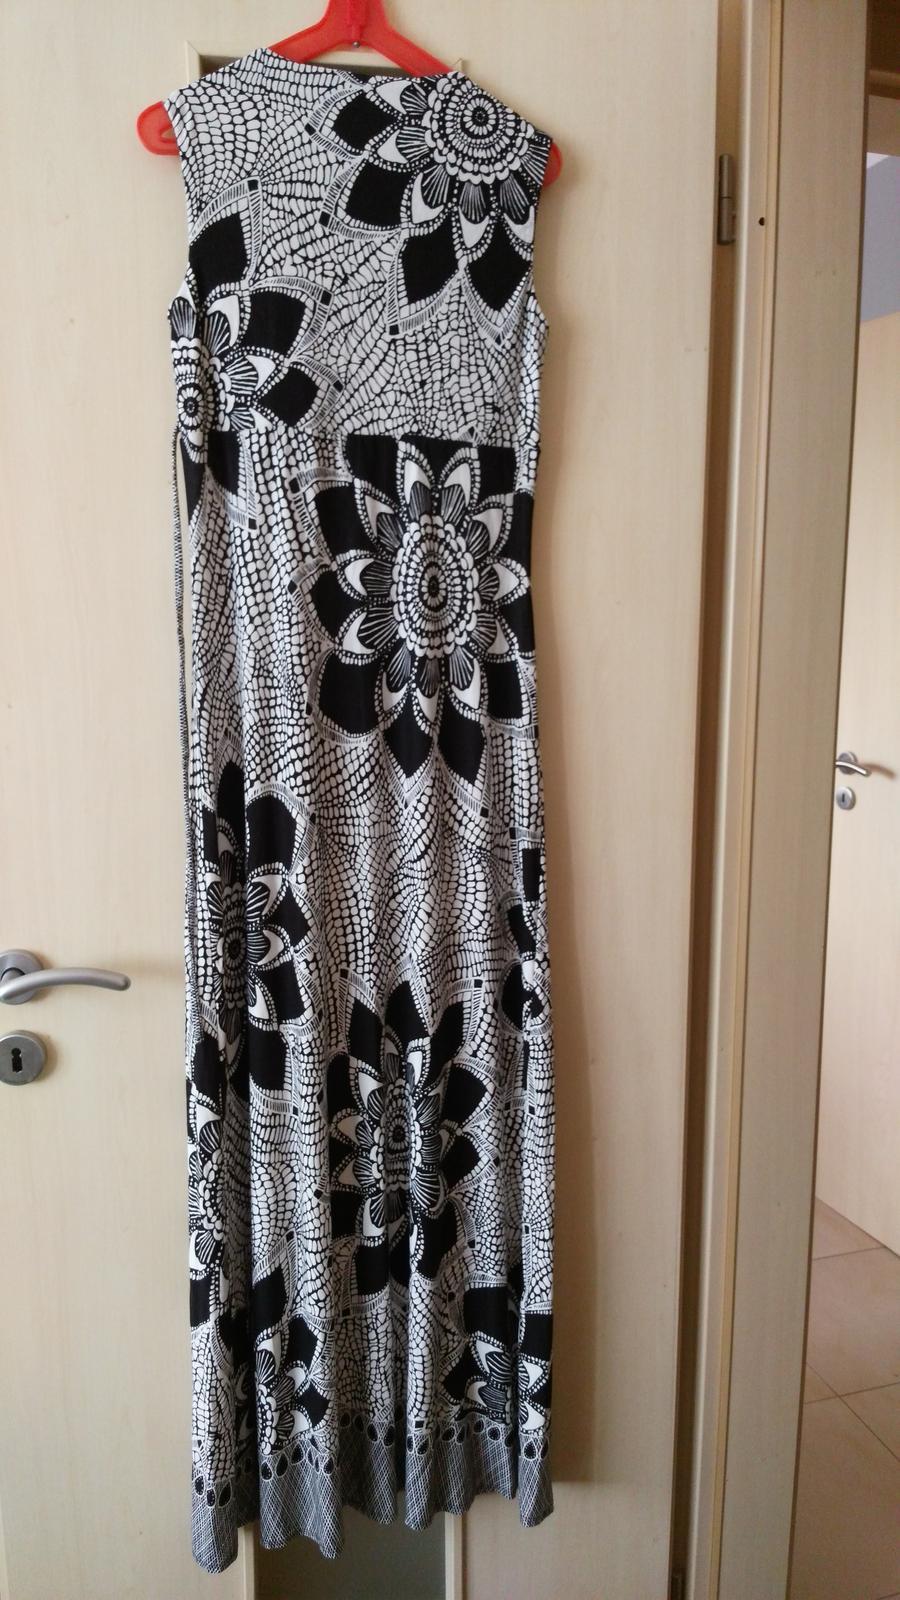 Dlhé čiernobiele šaty 36-38 (S-M) - Obrázok č. 3